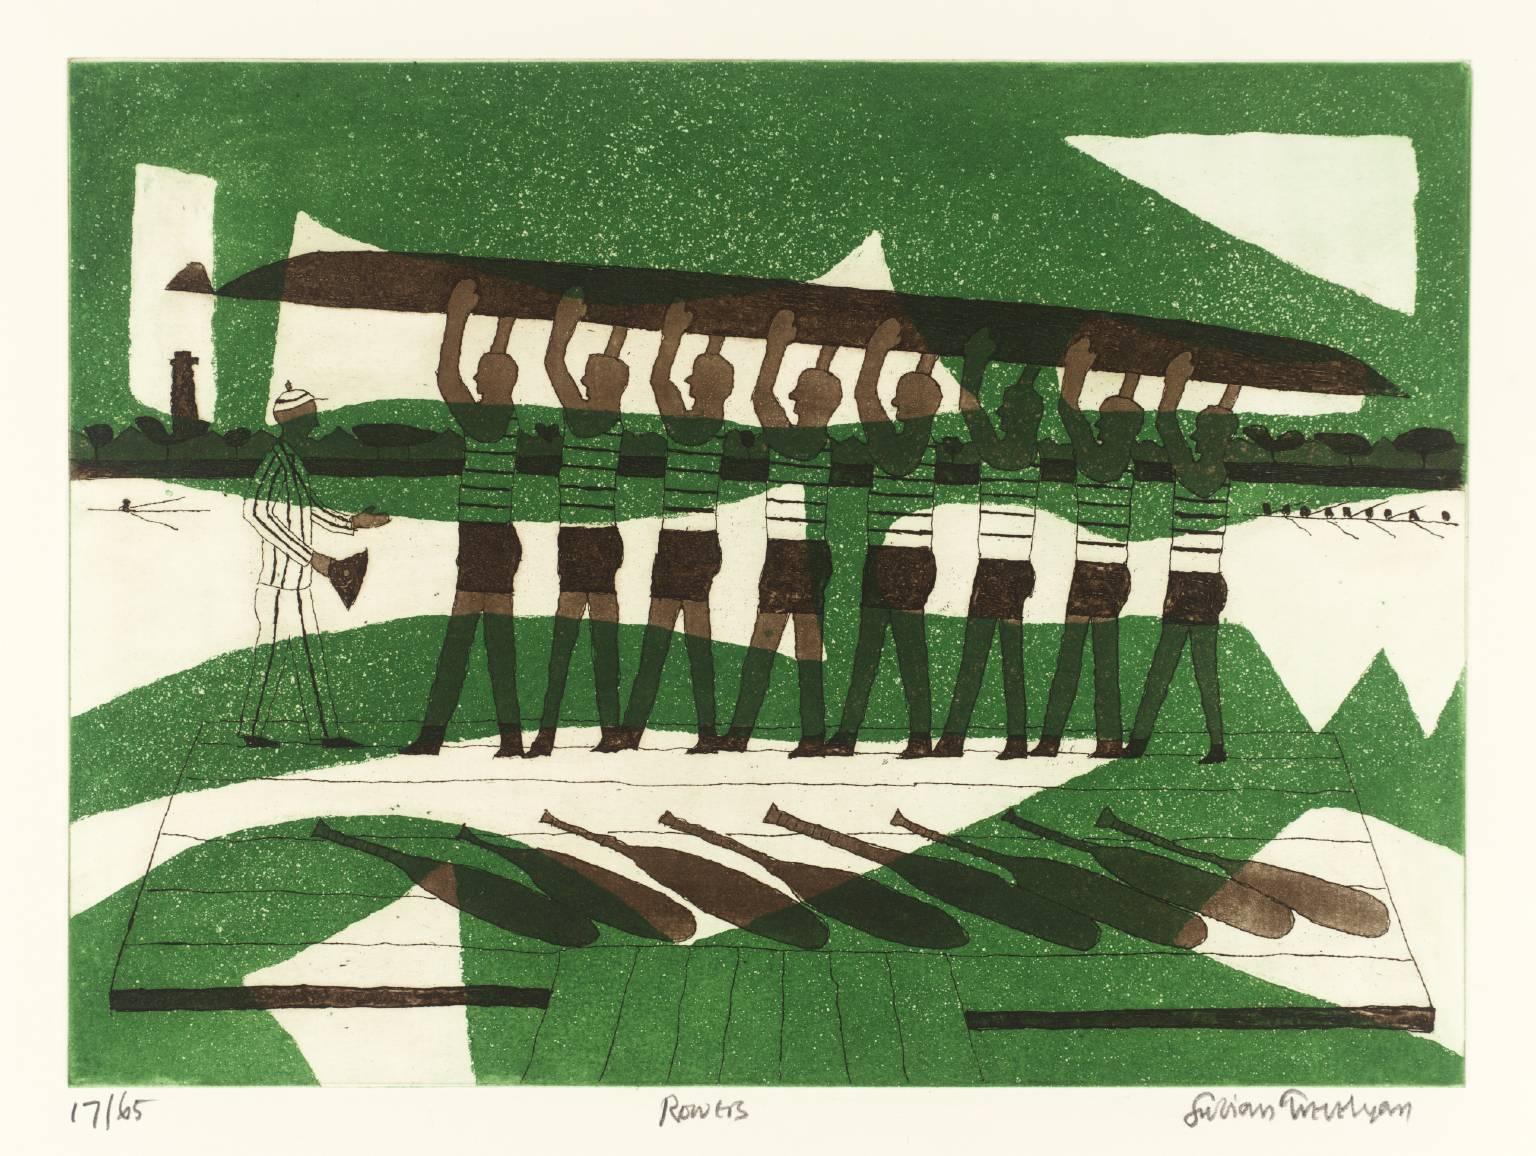 Julian Trevelyan, 'Rowers' 1972